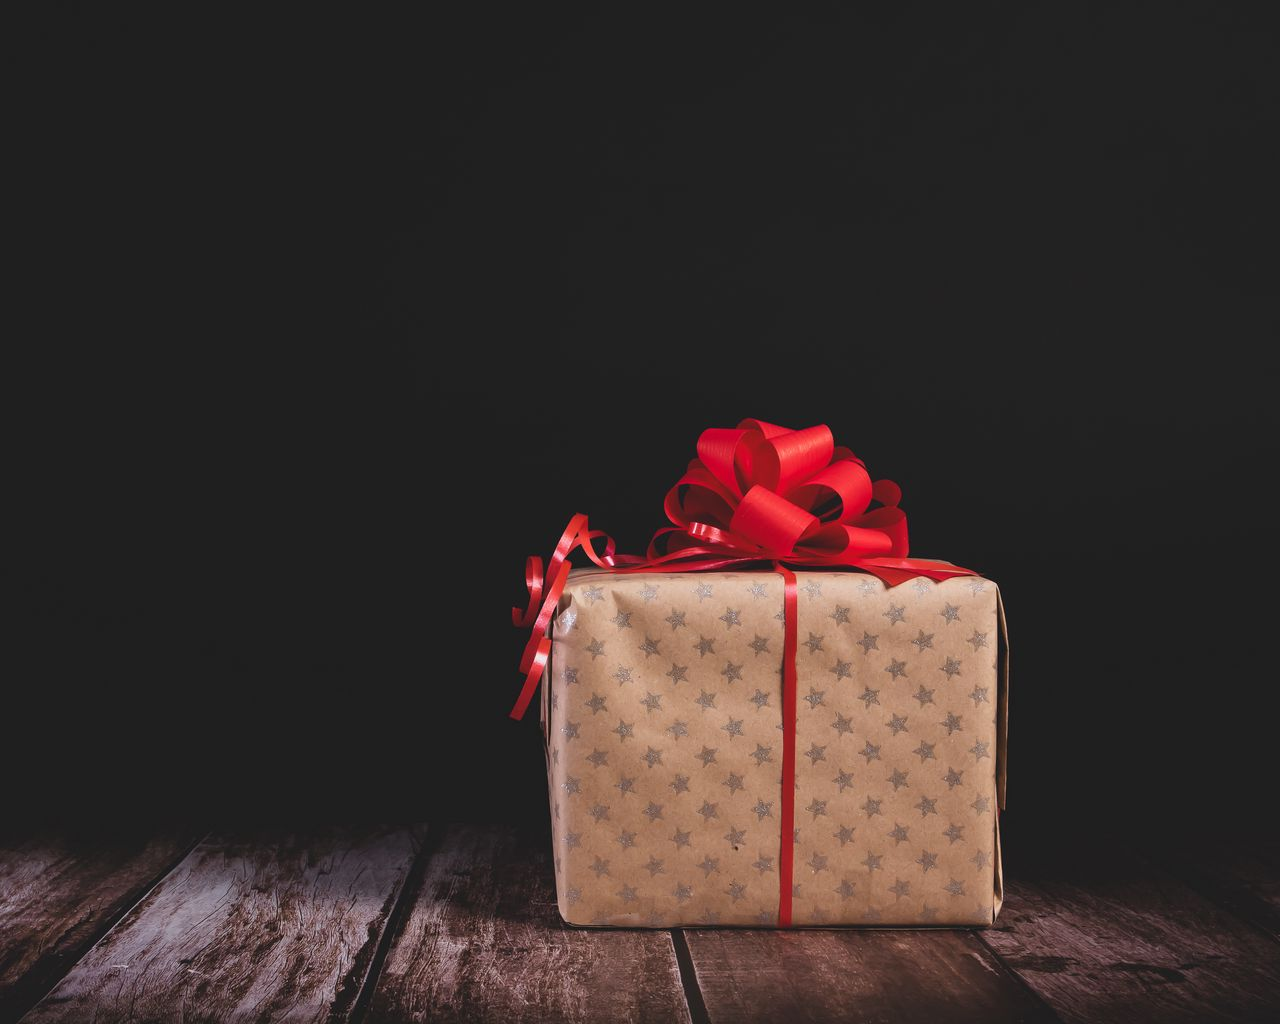 1280x1024 Wallpaper gift, box, bow, holiday